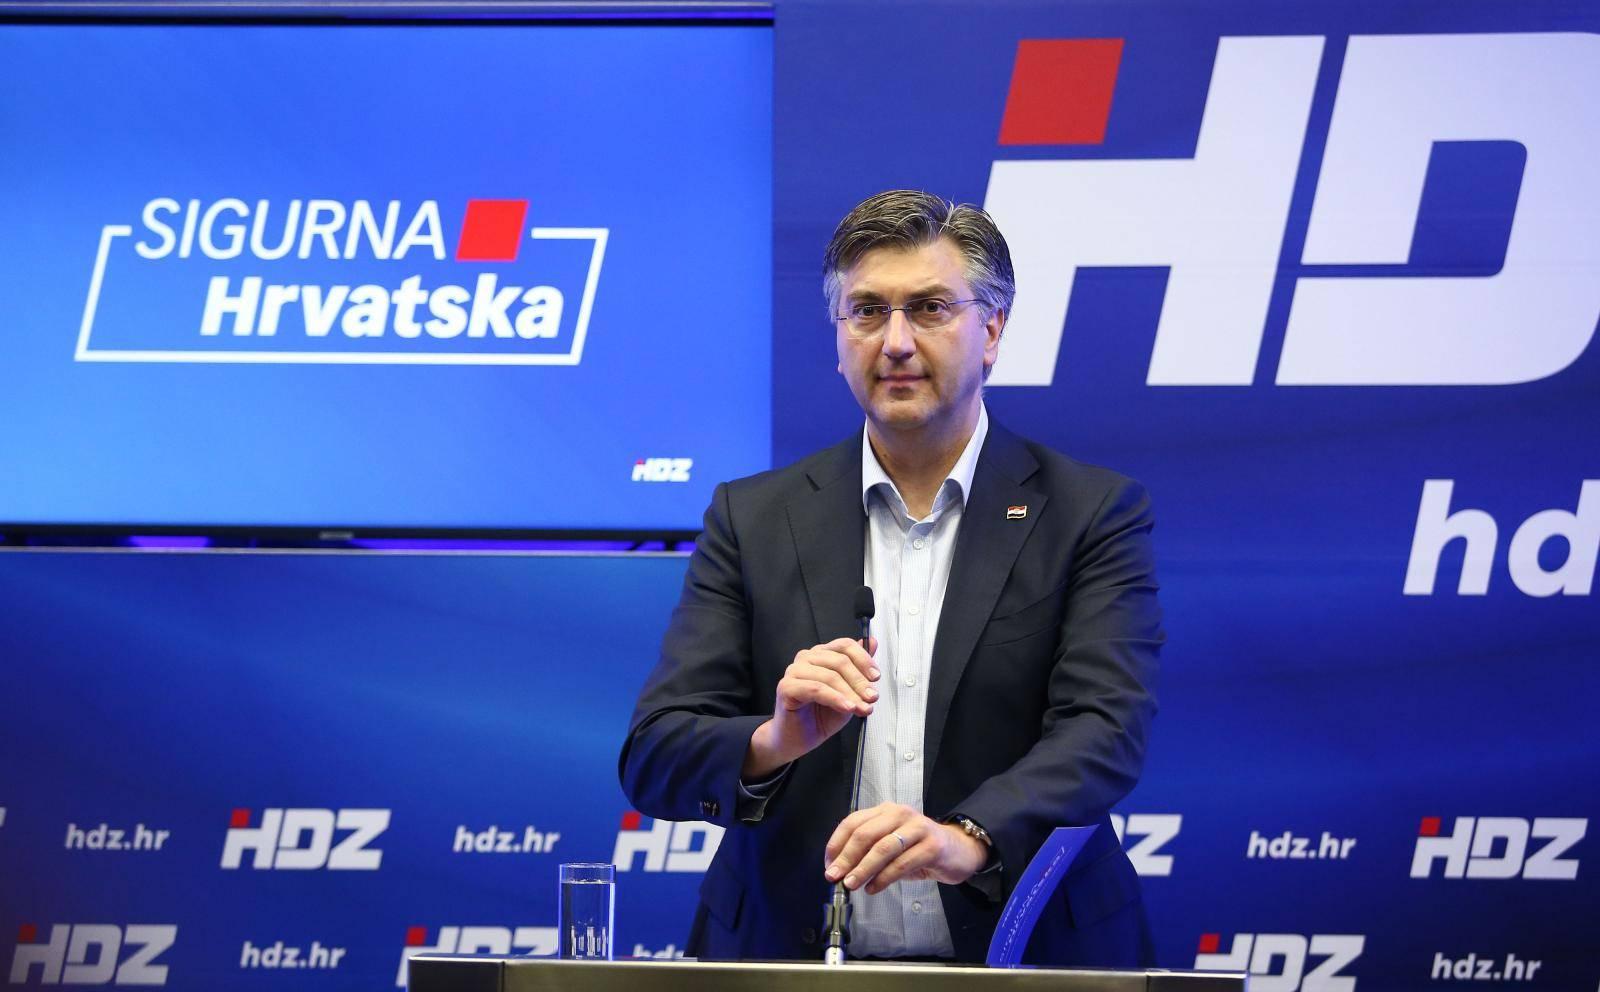 Zagreb: Predstavljanje kandidata na listi HDZ-a za I. izbornu jedinicu